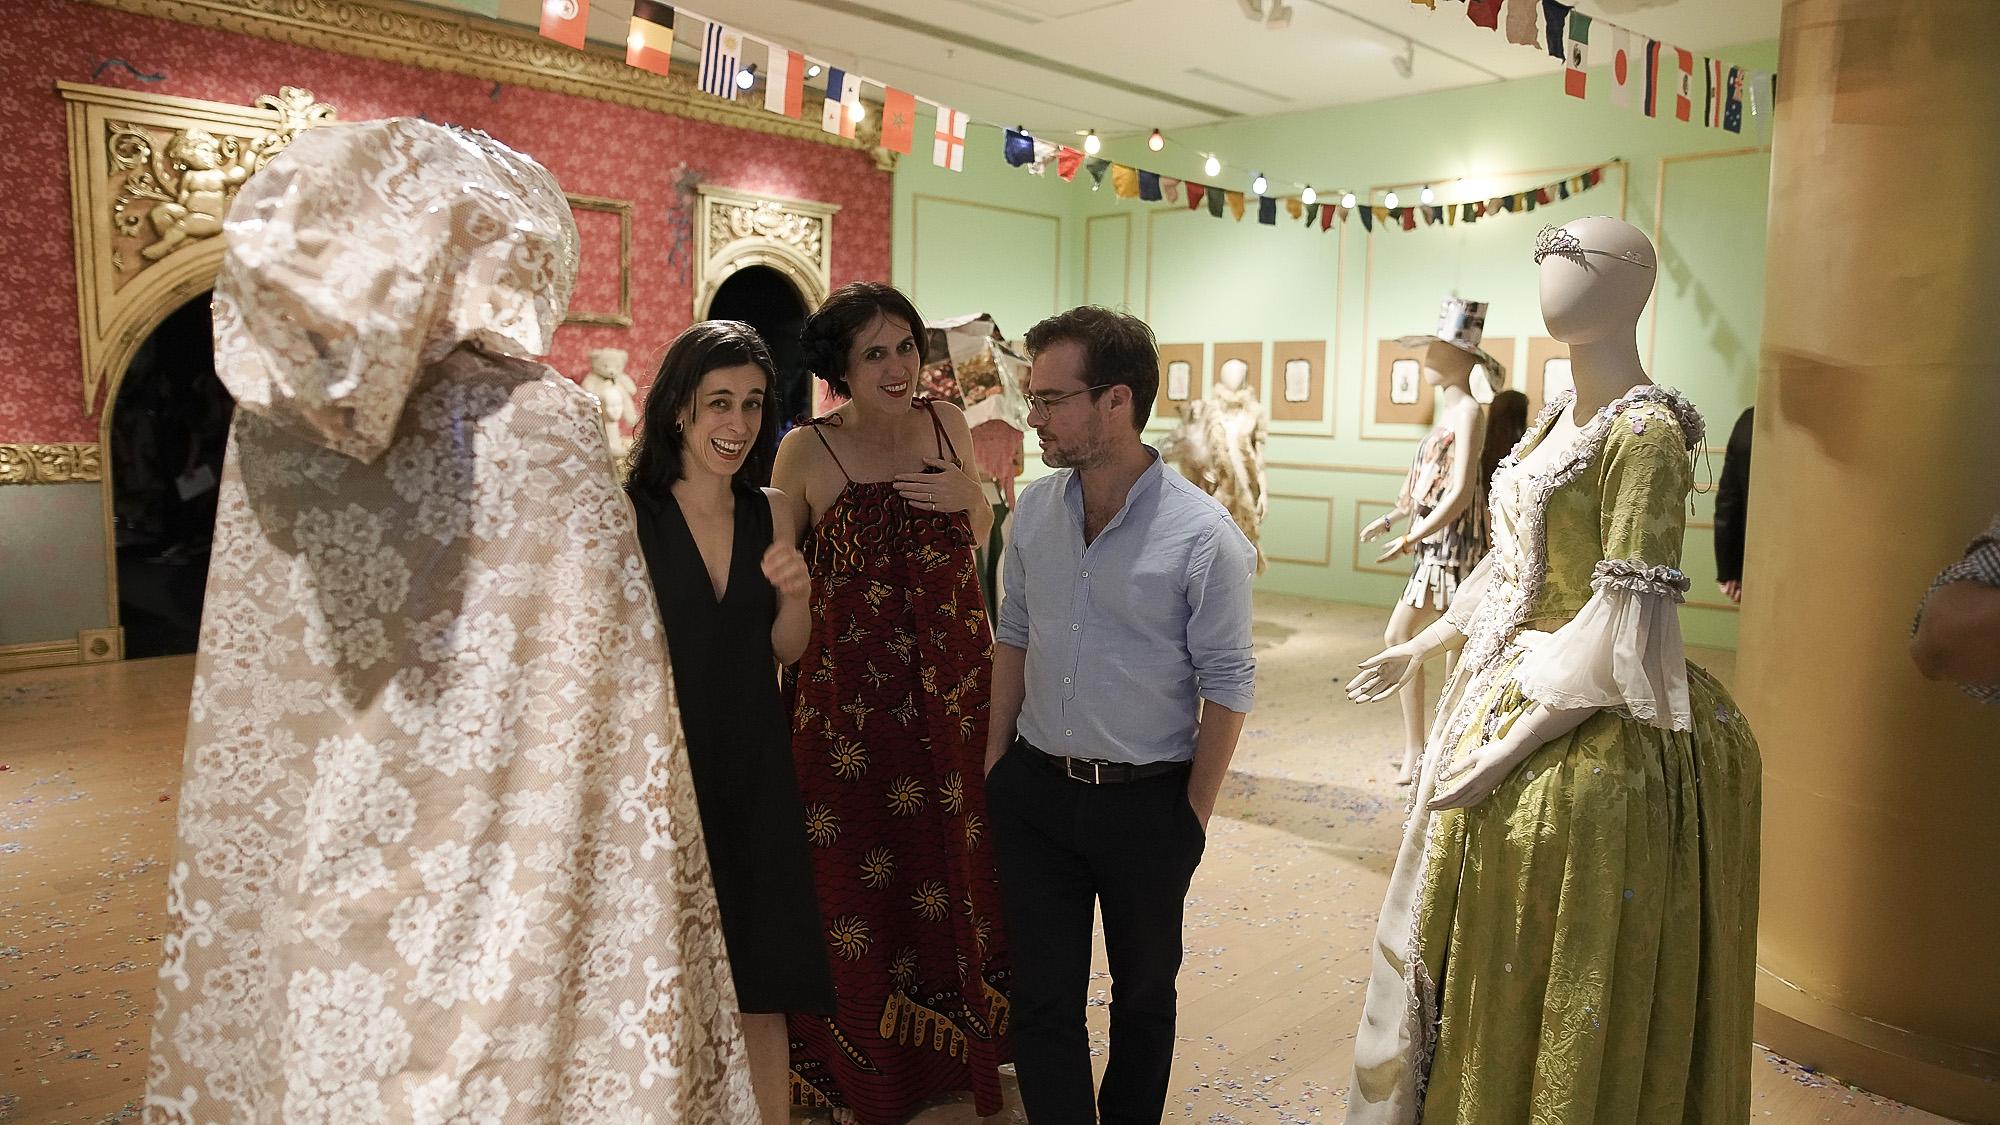 """Victoria Noorthoorn, directora del Museo, expresó: """"Es una inmensa alegría y un honor para el Museo Moderno celebrar la genialidad de un artista de la talla de Sergio De Loof, quien merece llamar la atención del mundo dada su infinita creatividad, su talento para ampliar la noción de arte, su invitación a la inclusión, la diversidad de género y la libertad de expresión. Con su alegría e inventiva transgresora, marcó a toda una generación al moldear tantos espacios sociales y nocturnos de Buenos Aires durante décadas, y produjo sus cientos de desfiles con los más diversos materiales que tuvo a mano, sorprendiendo siempre con su mirada"""""""